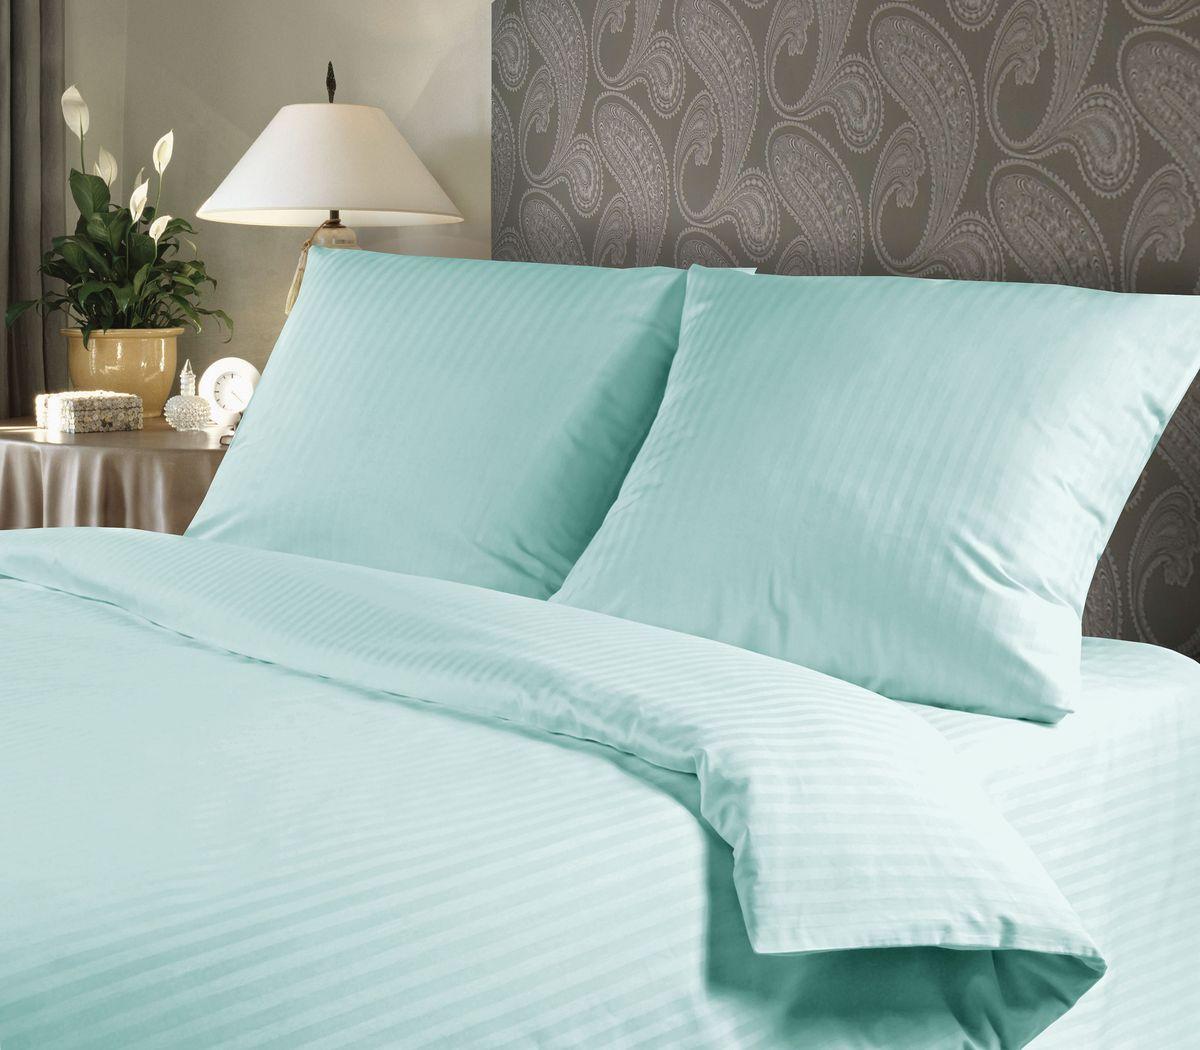 Комплект белья Verossa Вlue Sky, 2-спальный, наволочки 50х70711216